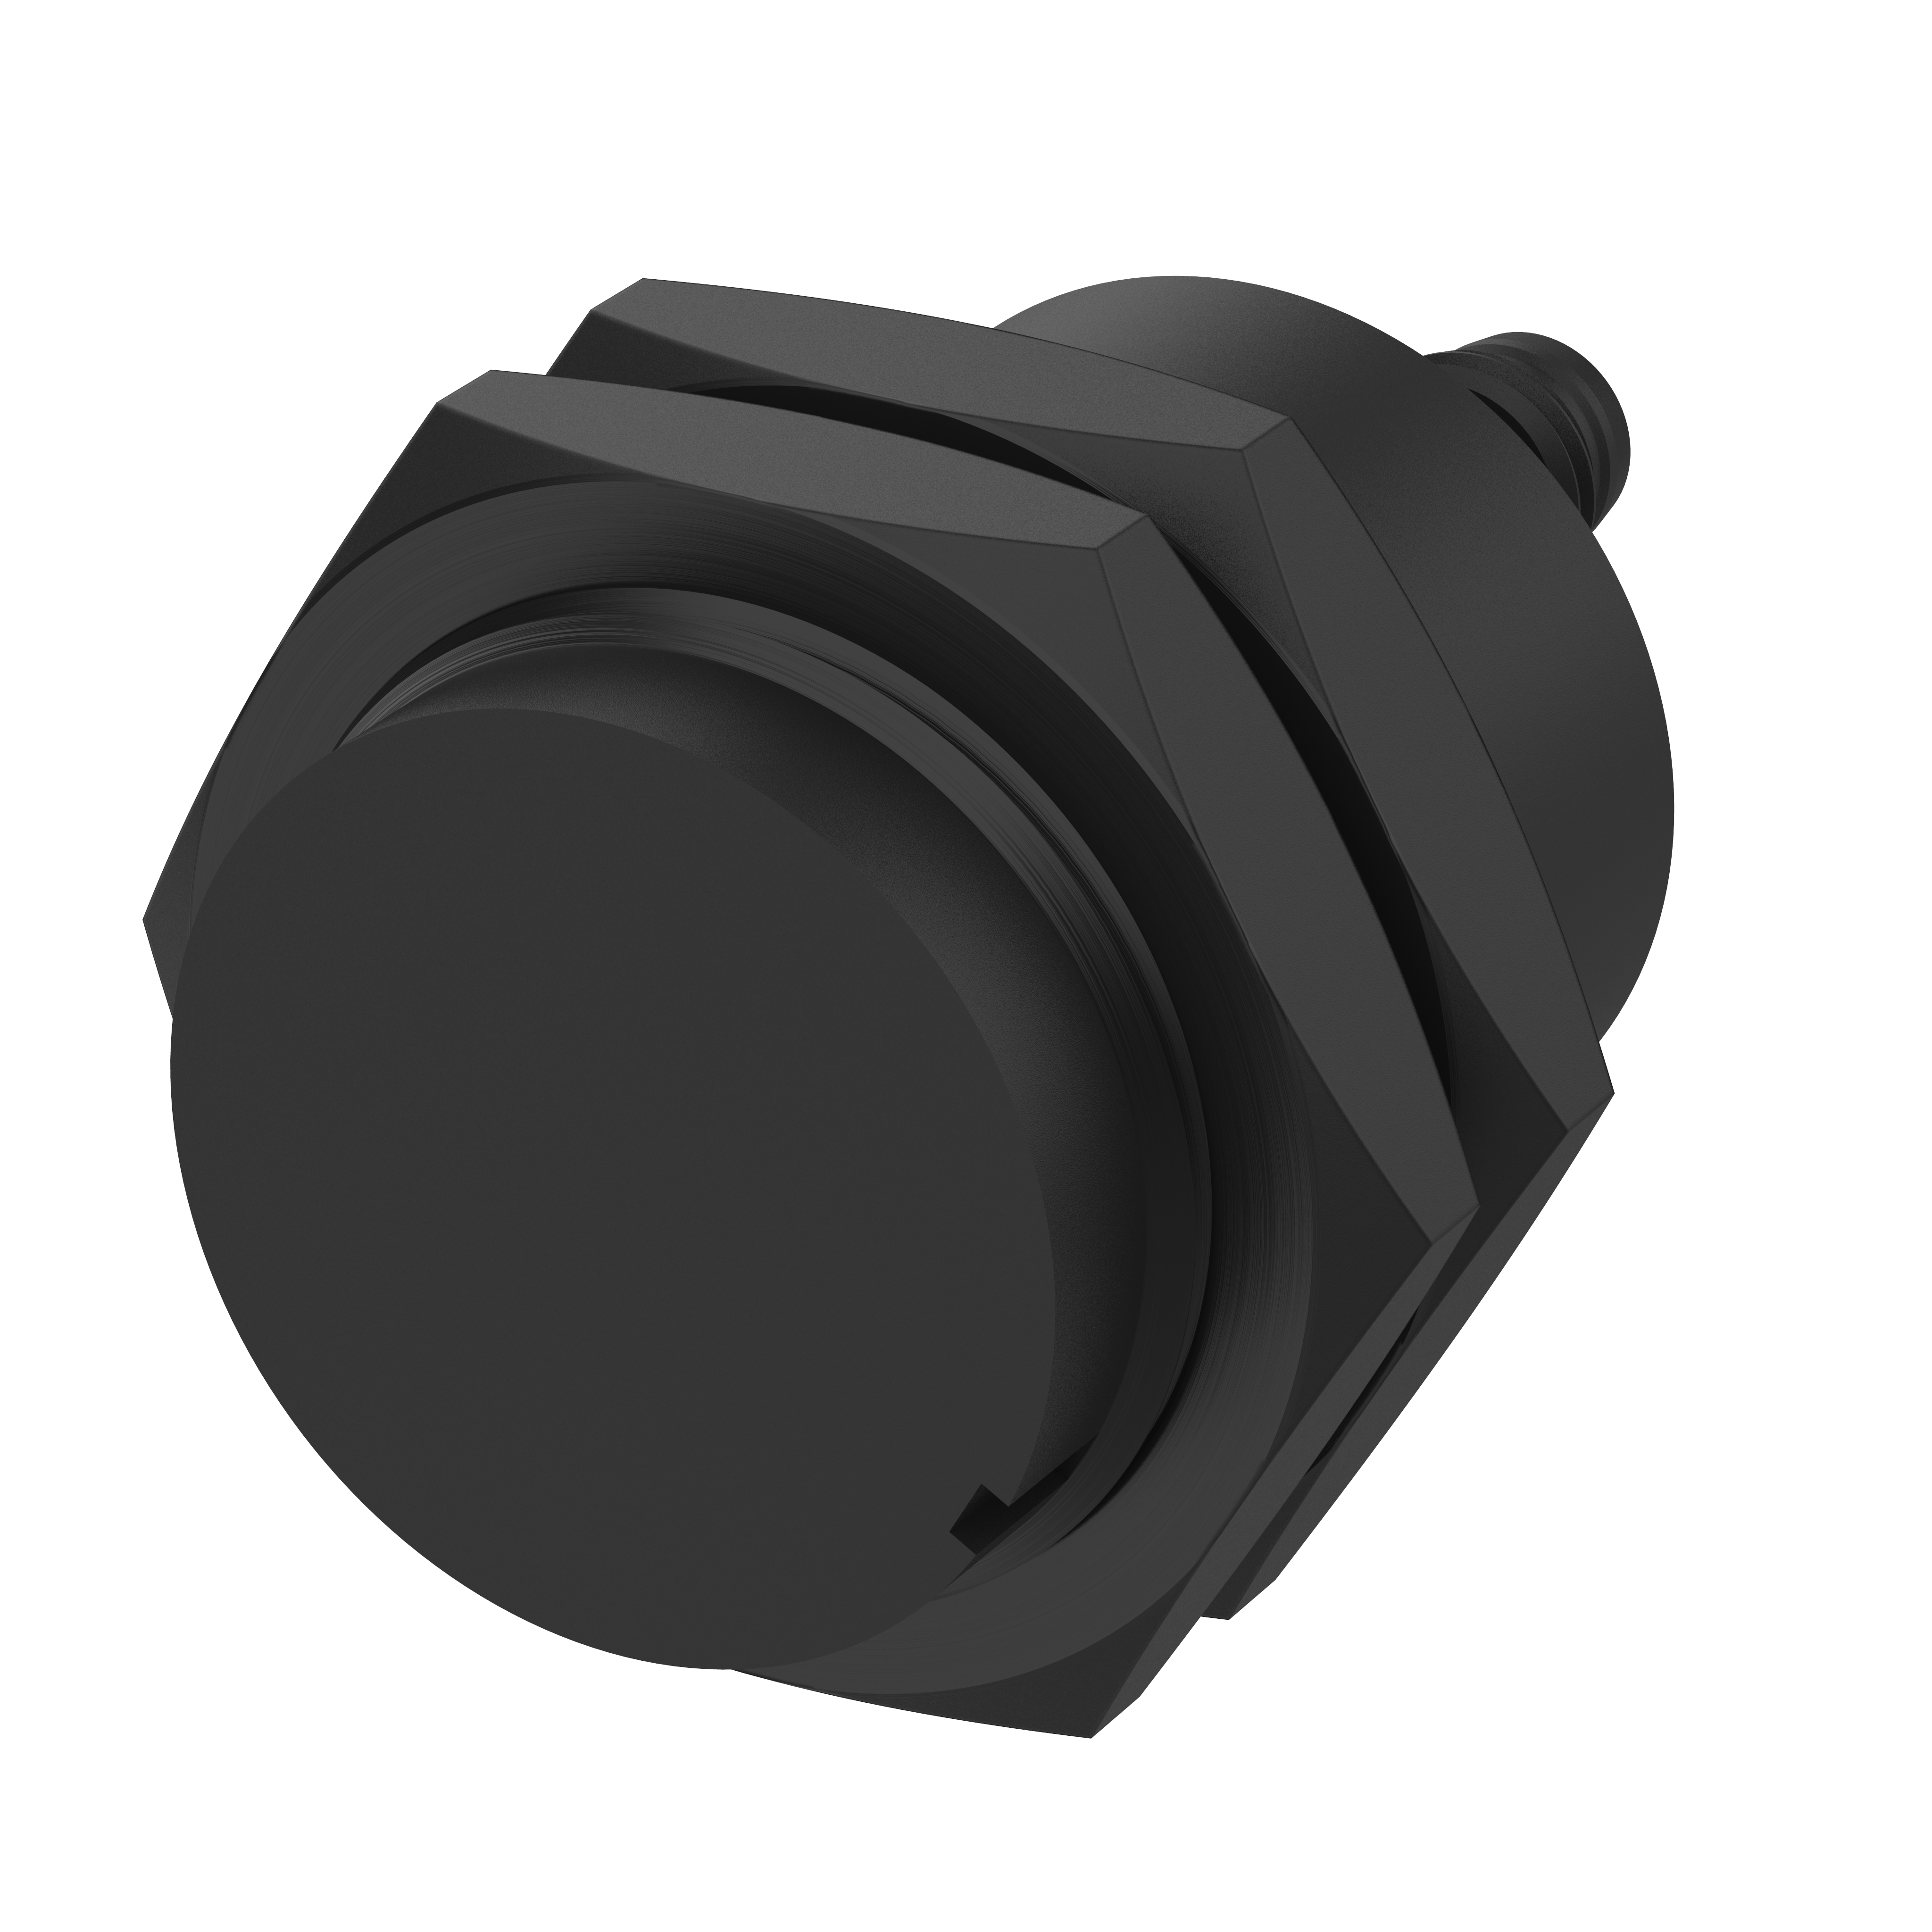 Sicherheitssensor - 171271A0E - magnetisch betätigt - Schließer/Öffner, Einbaustecker M8